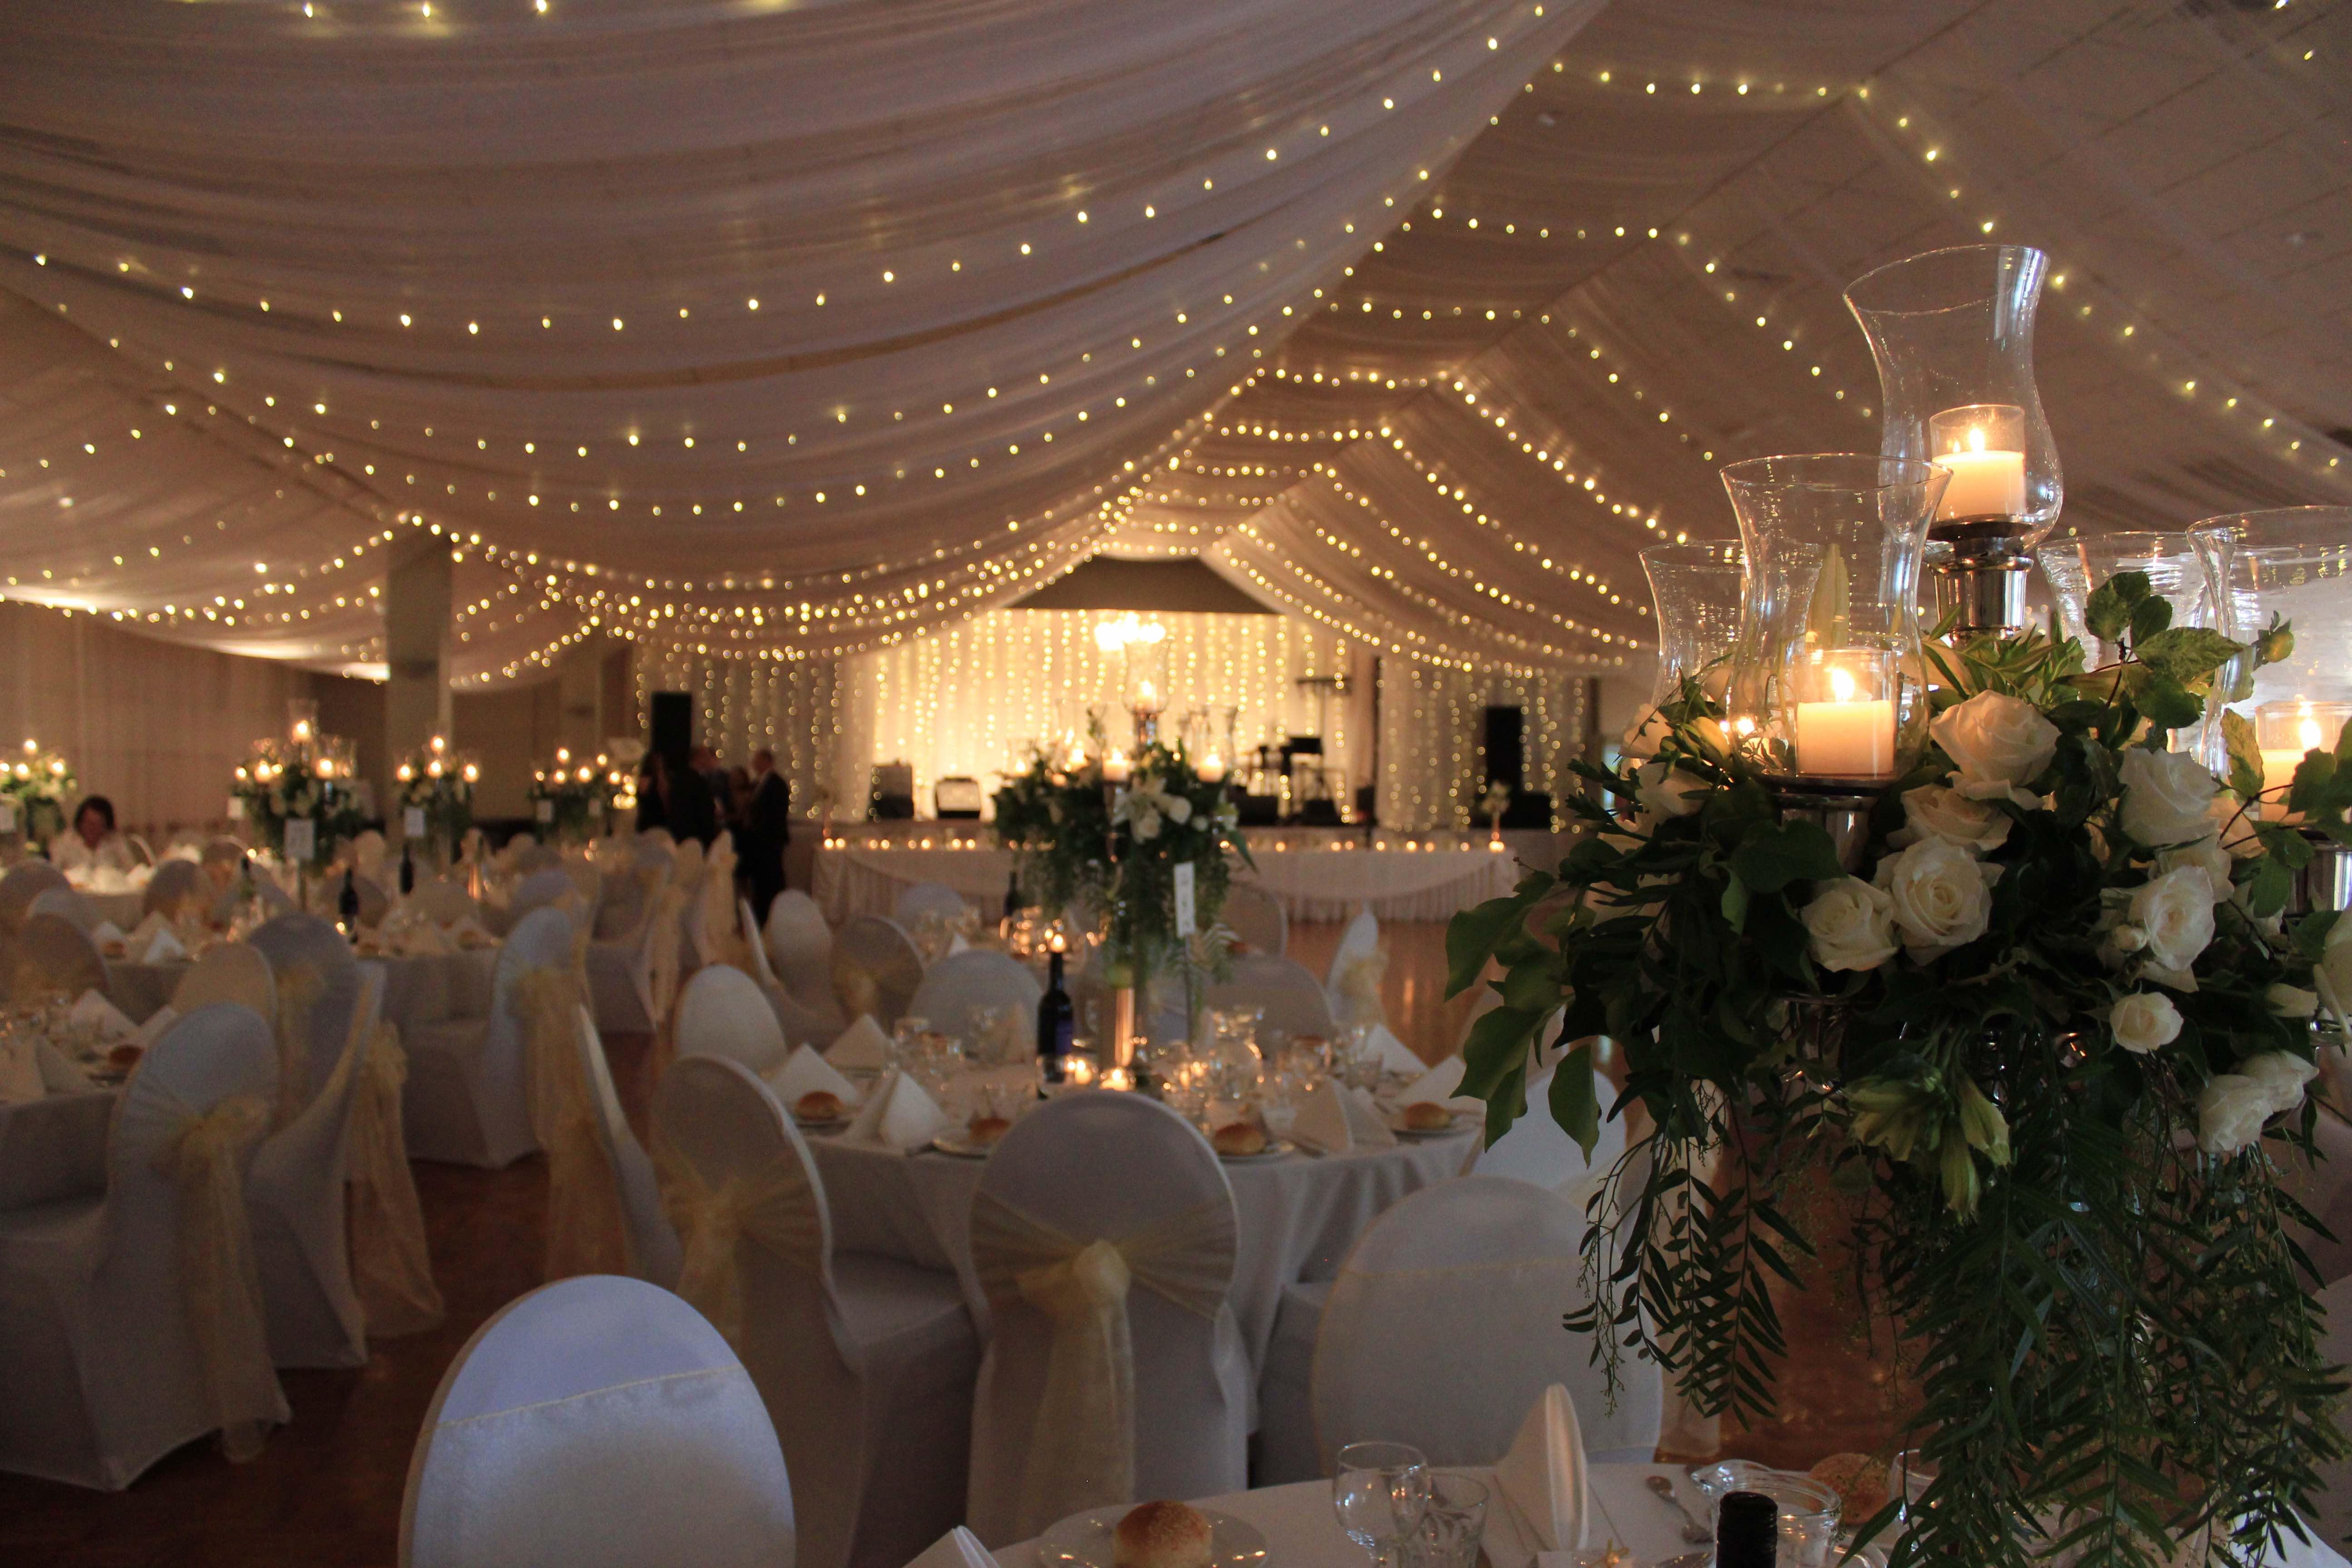 Wedding Venue Hobart - Hellenic House - Wed In Tas